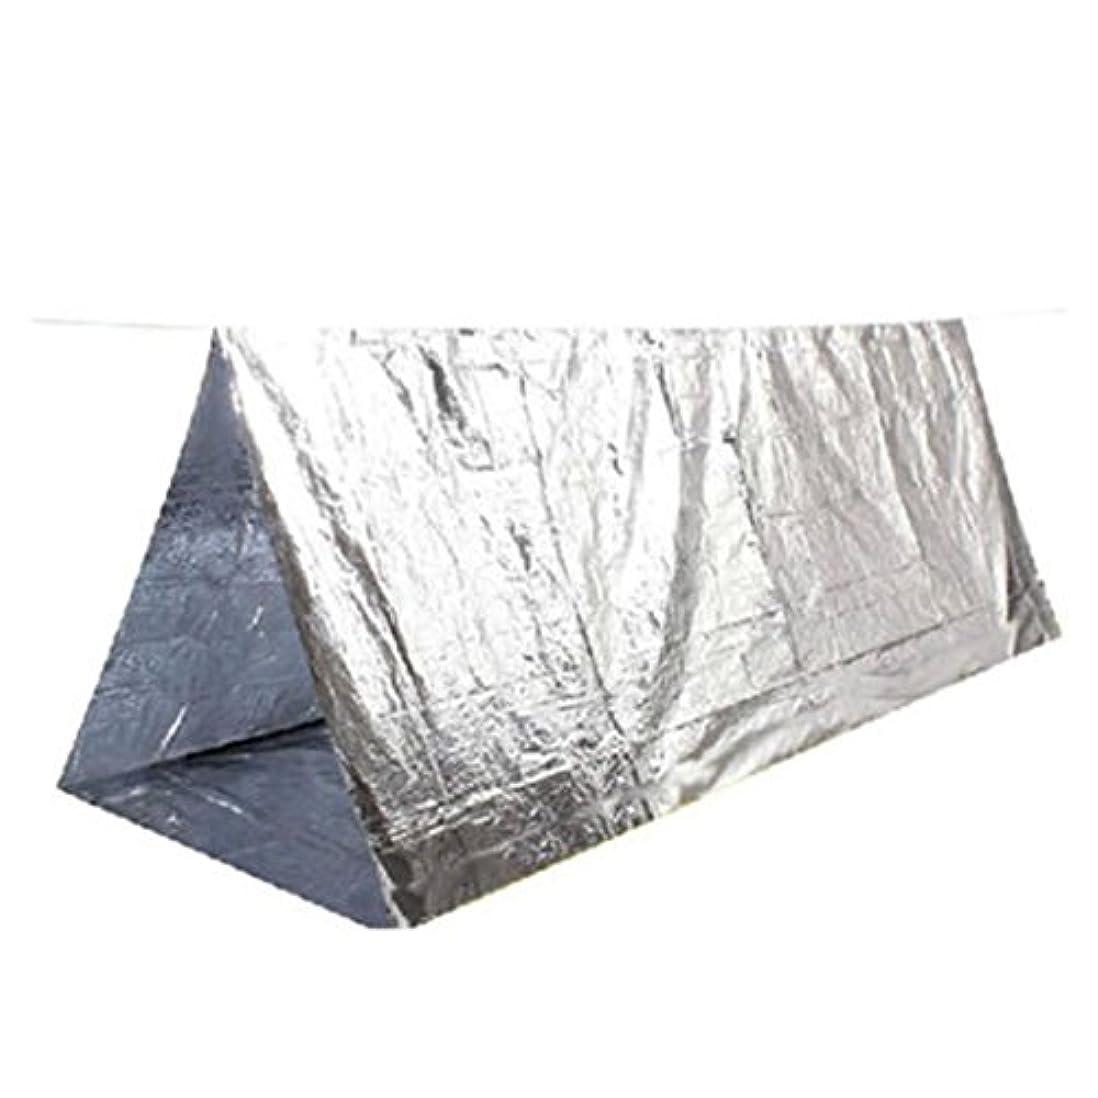 偏見繰り返す検索エンジンマーケティングアウトドアテント Inkach ポータブル 緊急 サバイバル ハイキング キャンプ シェルター テント